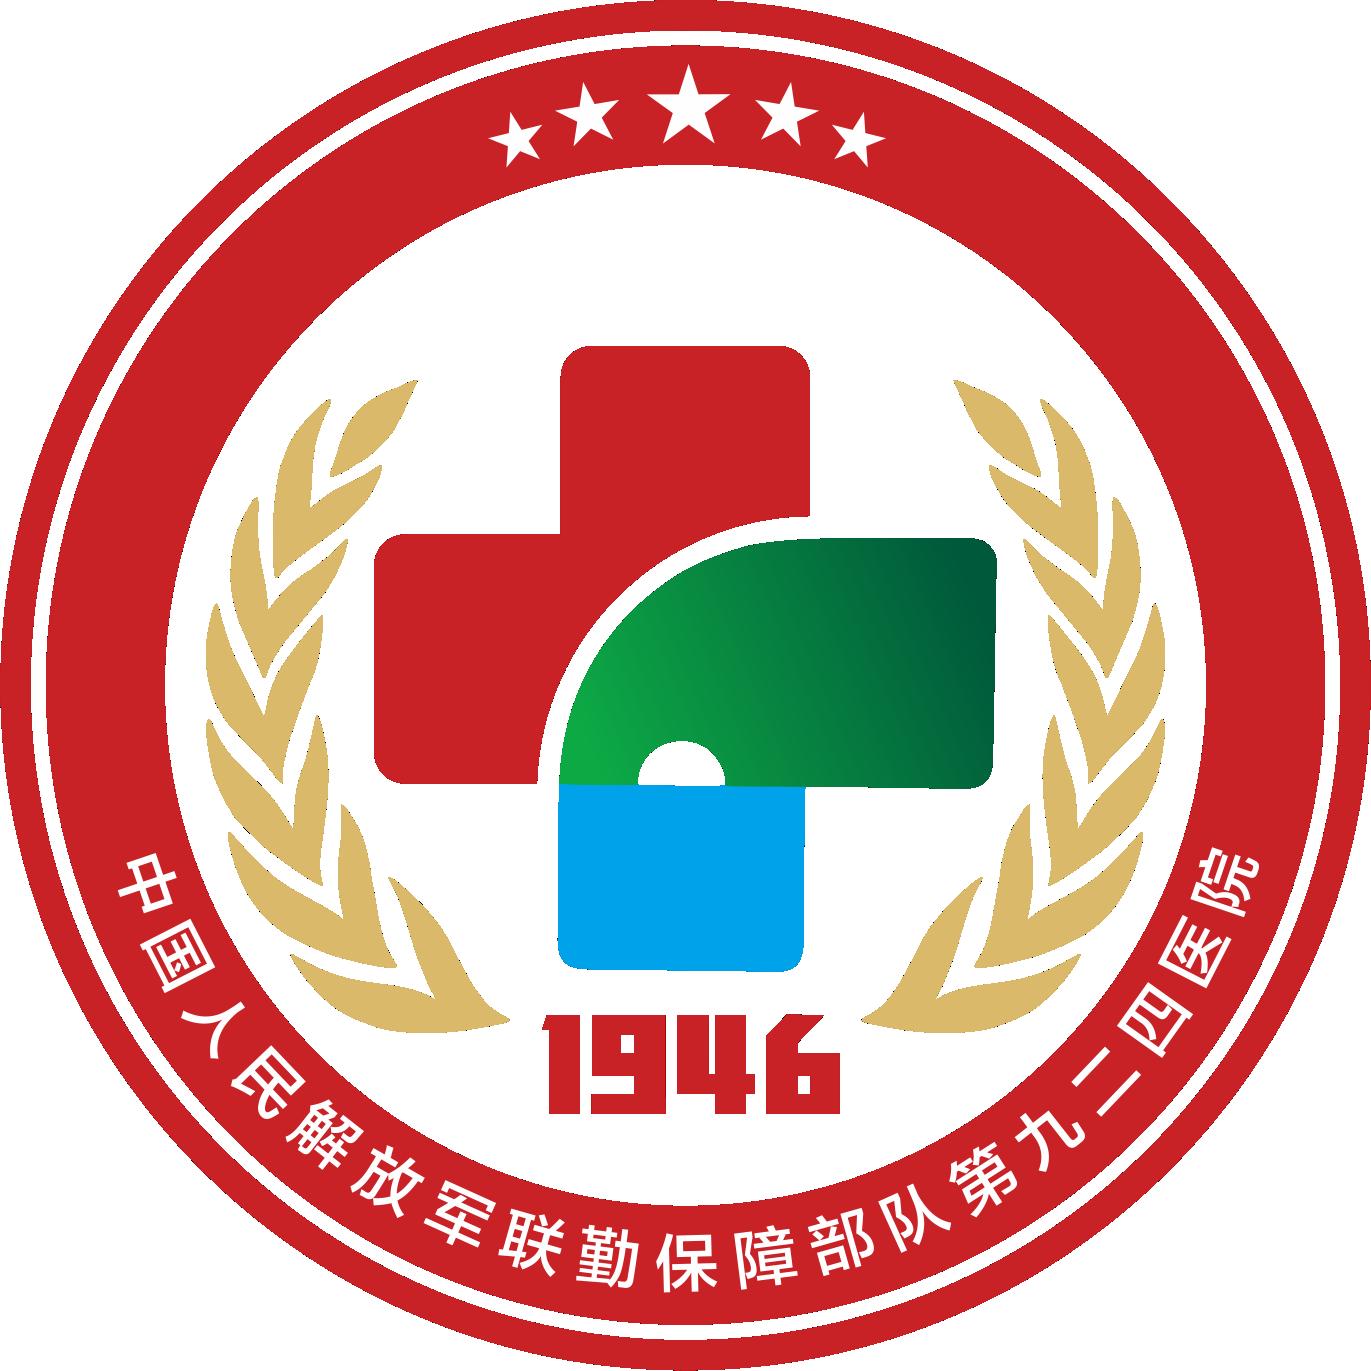 中国人民解放军第924医院(原解放军第181部队)